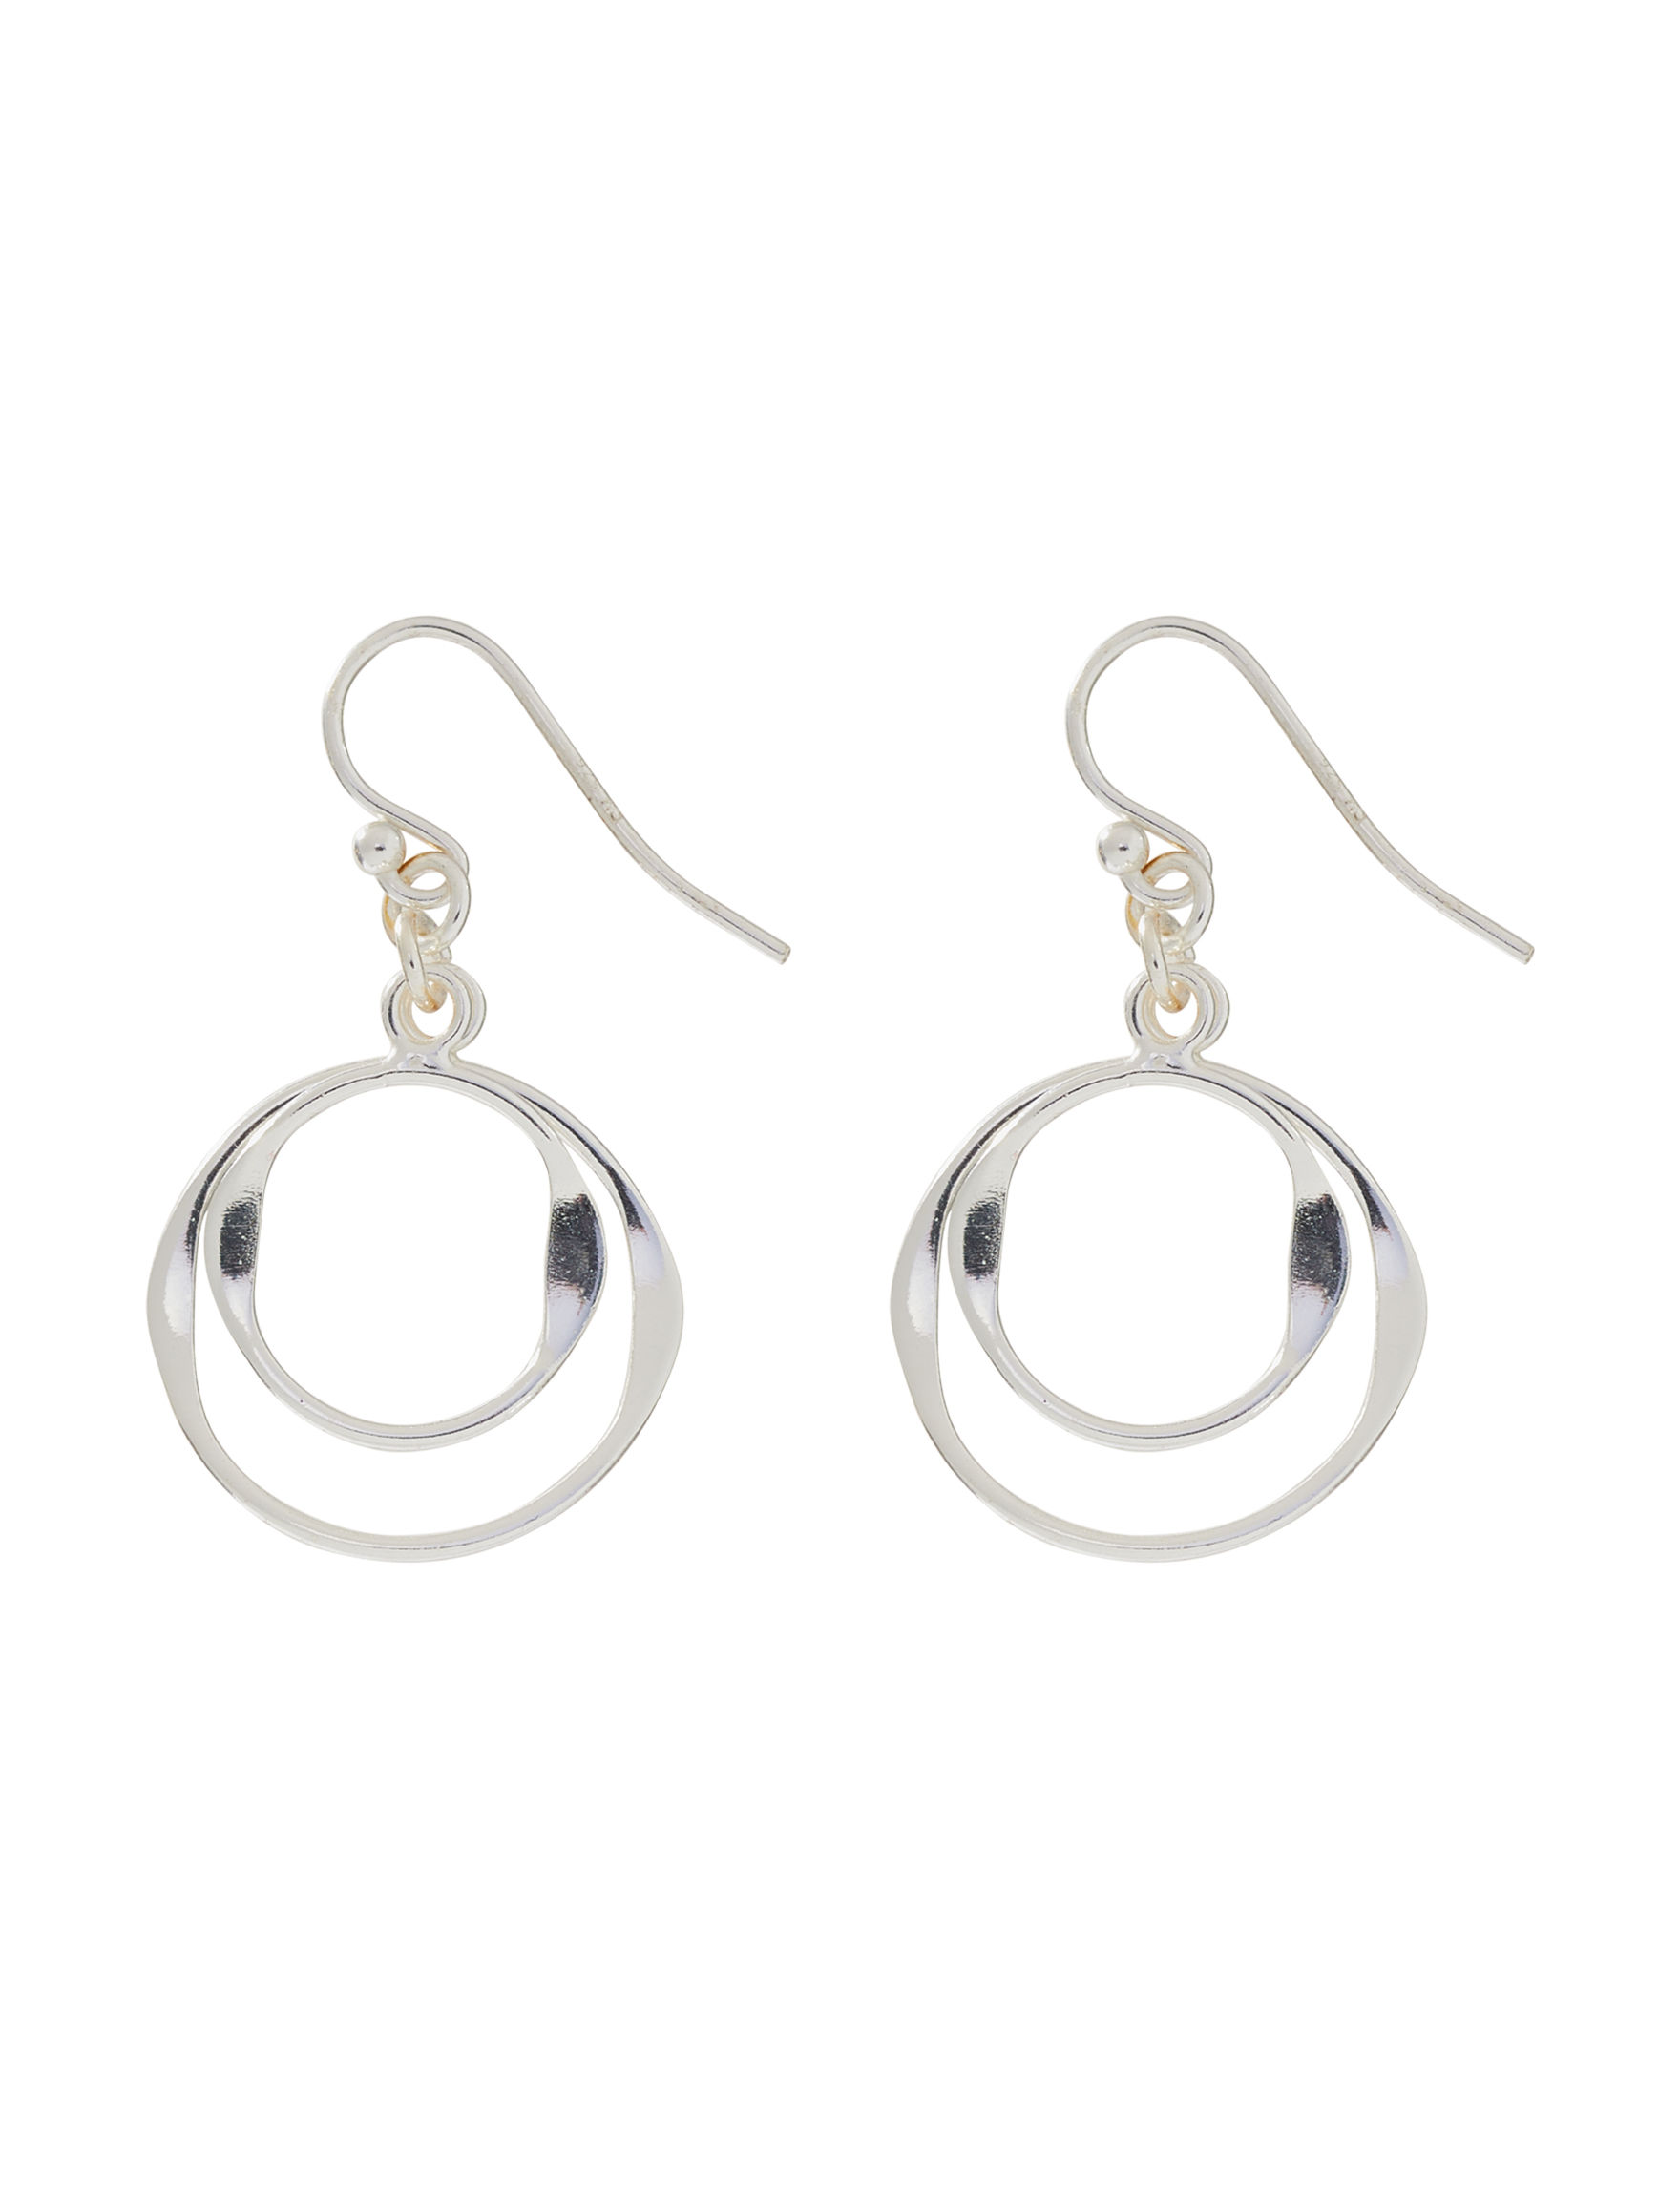 Marsala Sterling Silver Drops Bracelets Earrings Fine Jewelry